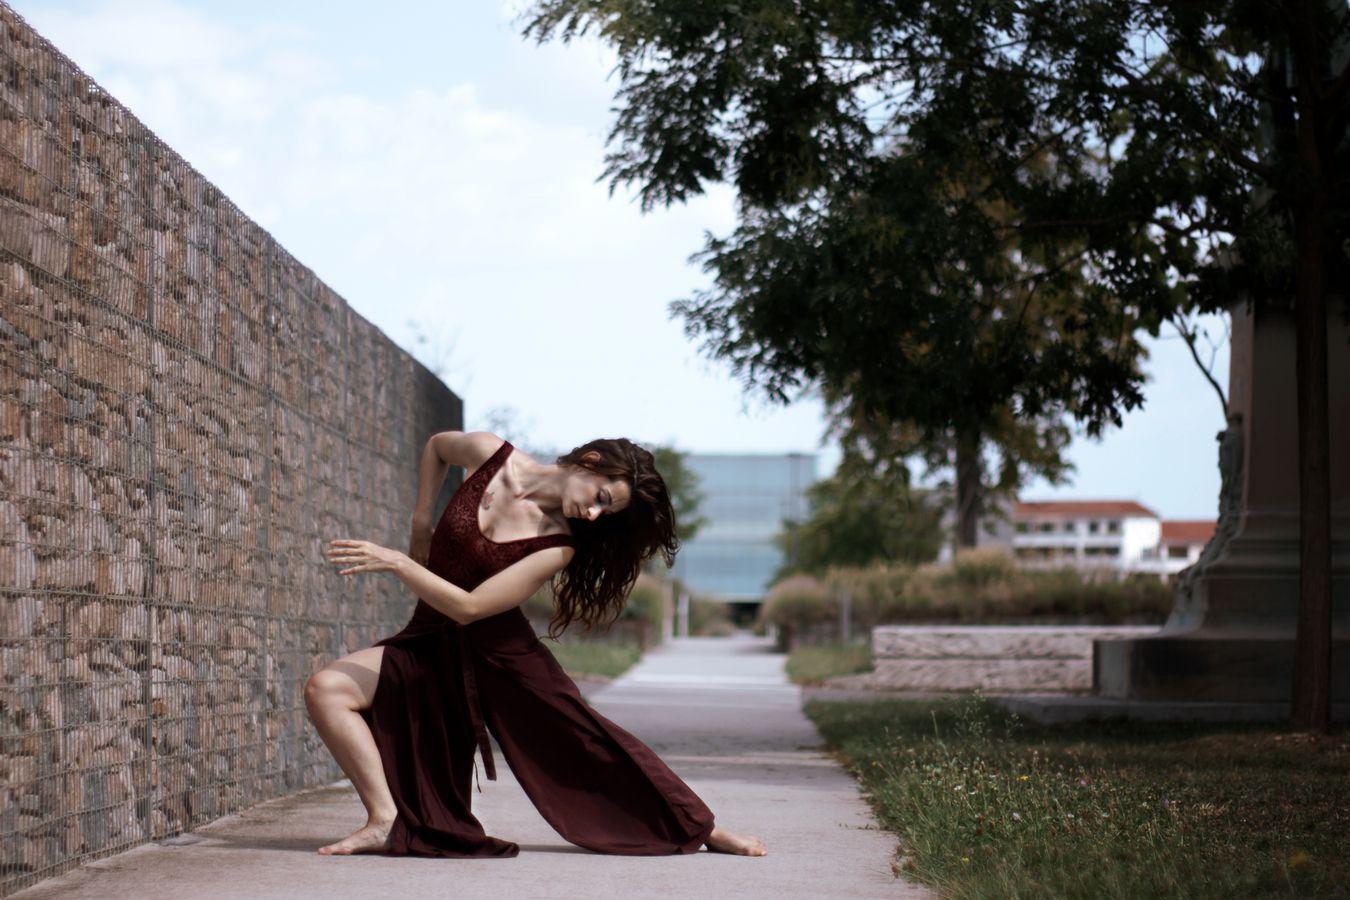 Mathilde fait de la danse contemporaine dans le parc de l'hôpital de la Croix-Rousse. Son mouvement prolonge les lignes géométriques de l'architecture.